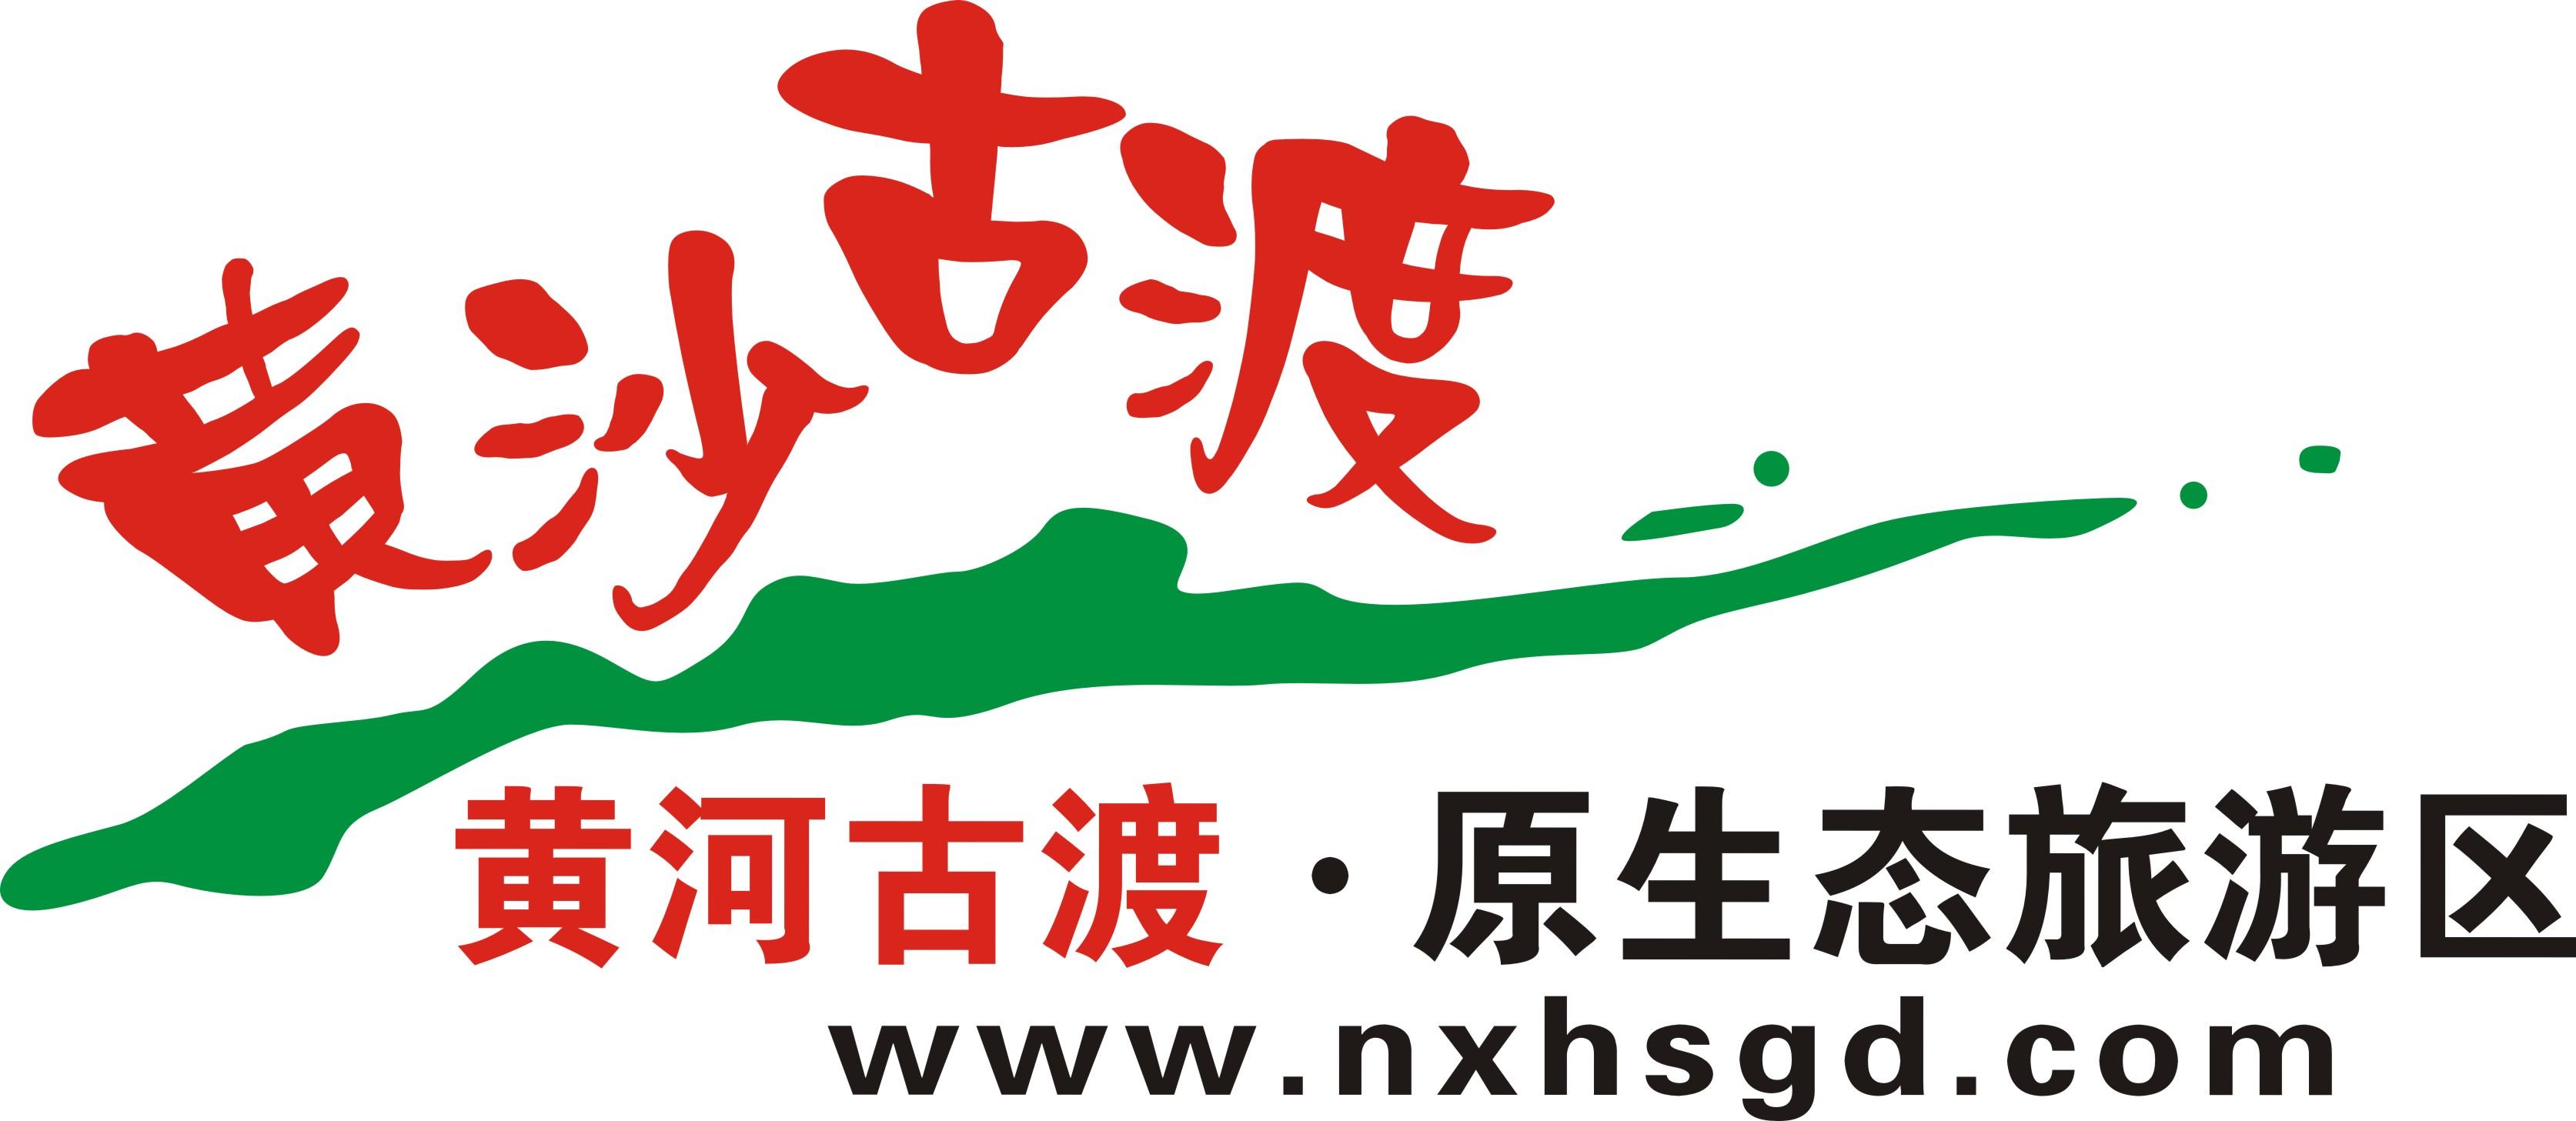 宁夏黄沙古渡生态建设有限公司